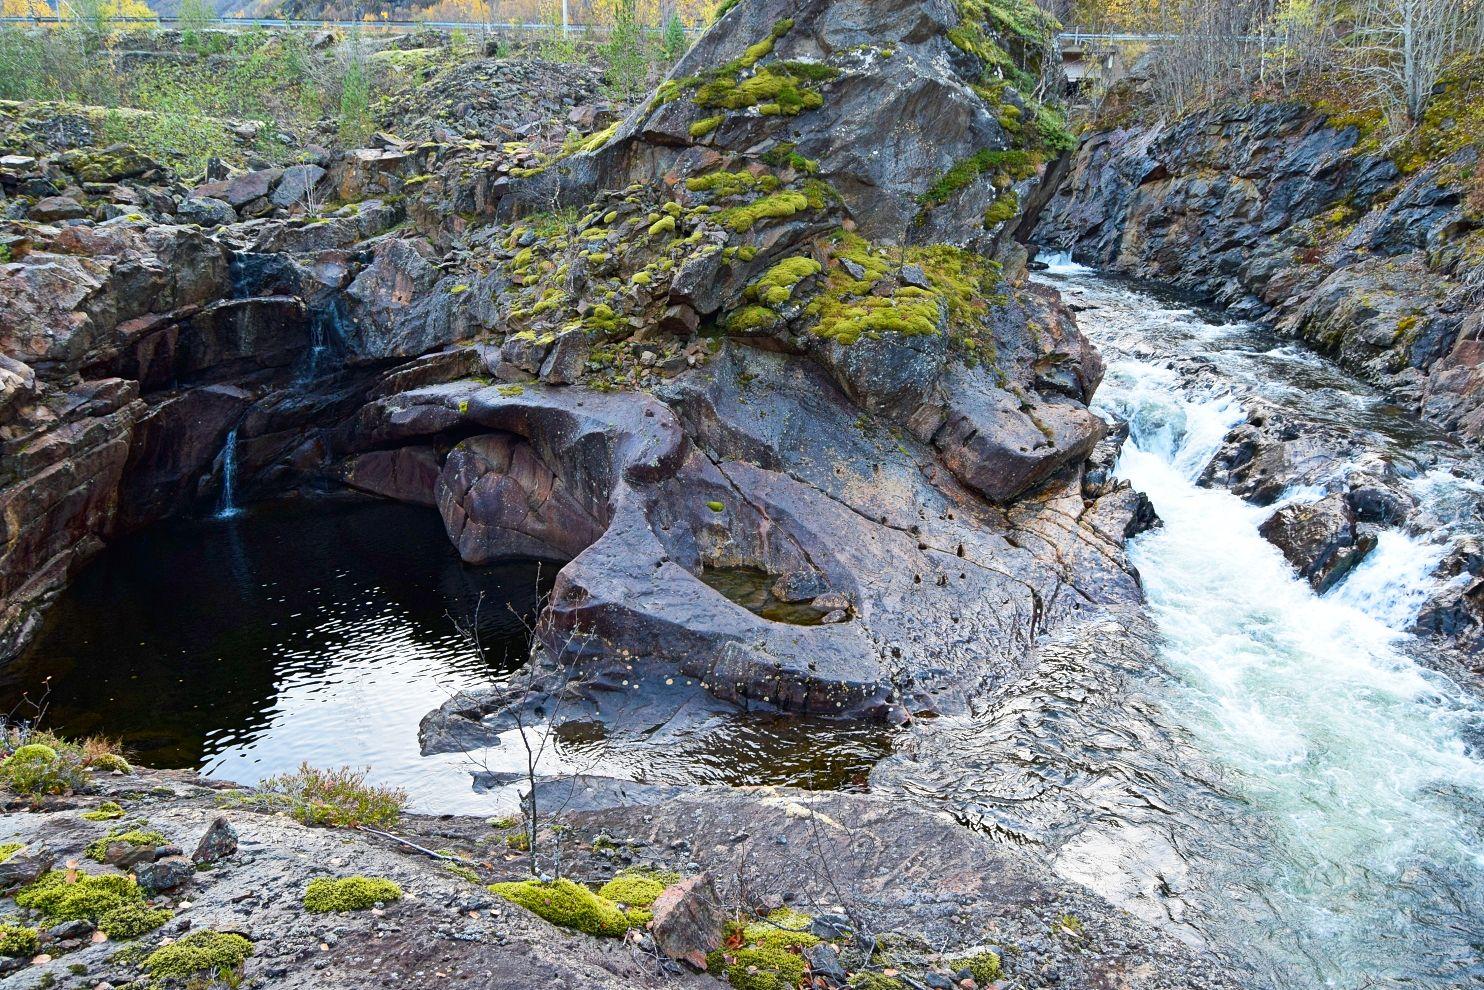 Elv og badekulp på vei mot Sulis     http://www.tursiden.no/elv-og-badekulp-pa-vei-mot-sulis/